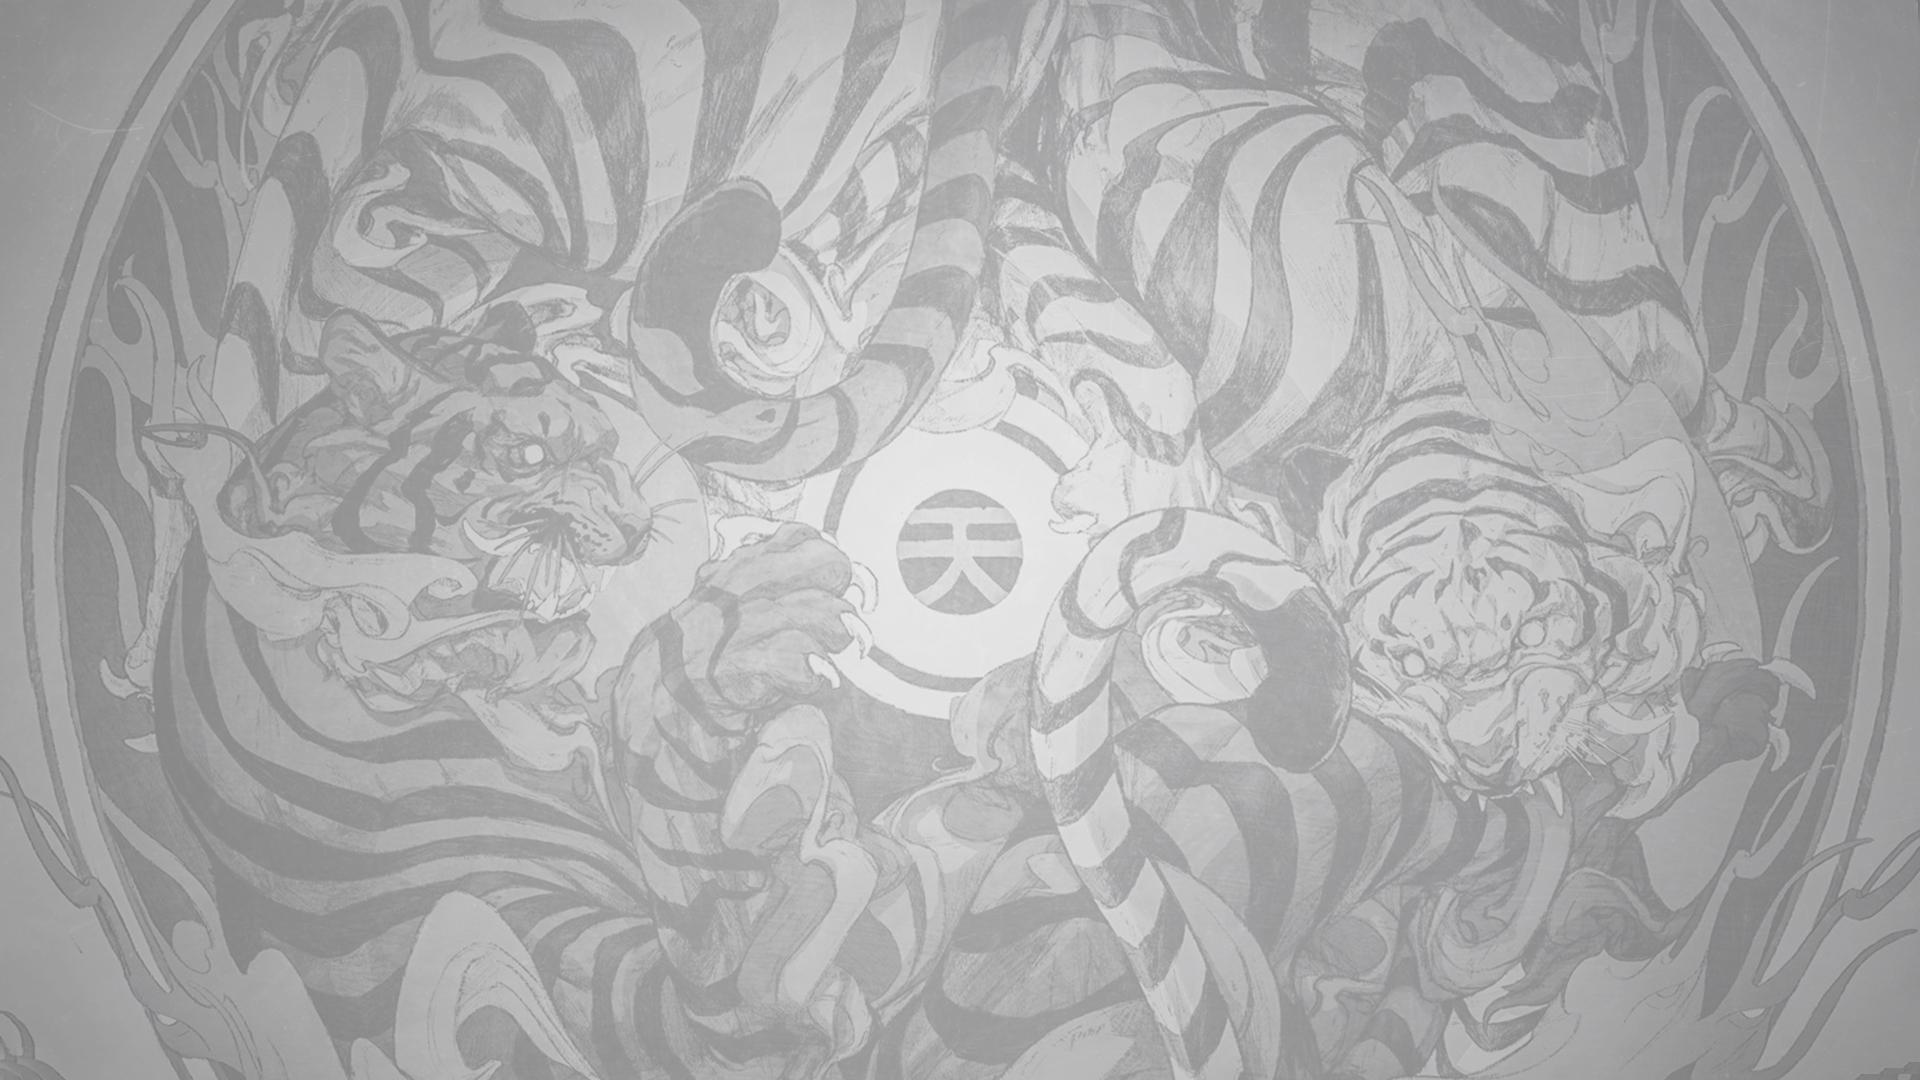 minimalism tattoo tiger animal print roux illustration fan art drawn texture backgound Japan